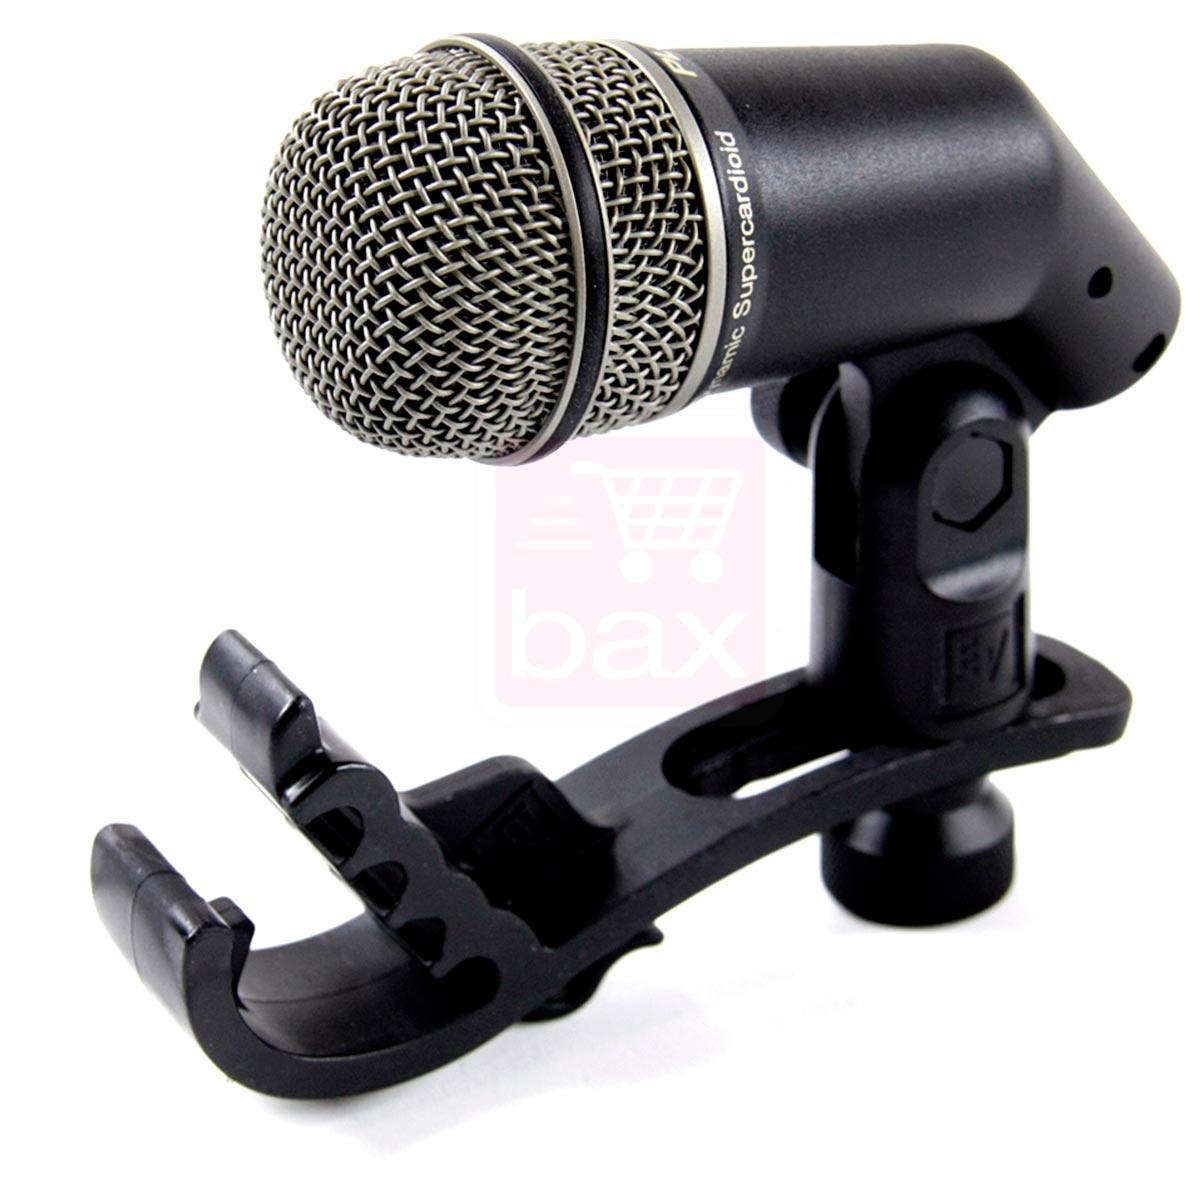 Microfone c/ Fio p/ Caixa e Tom-Tom PL 35 - Electro-Voice